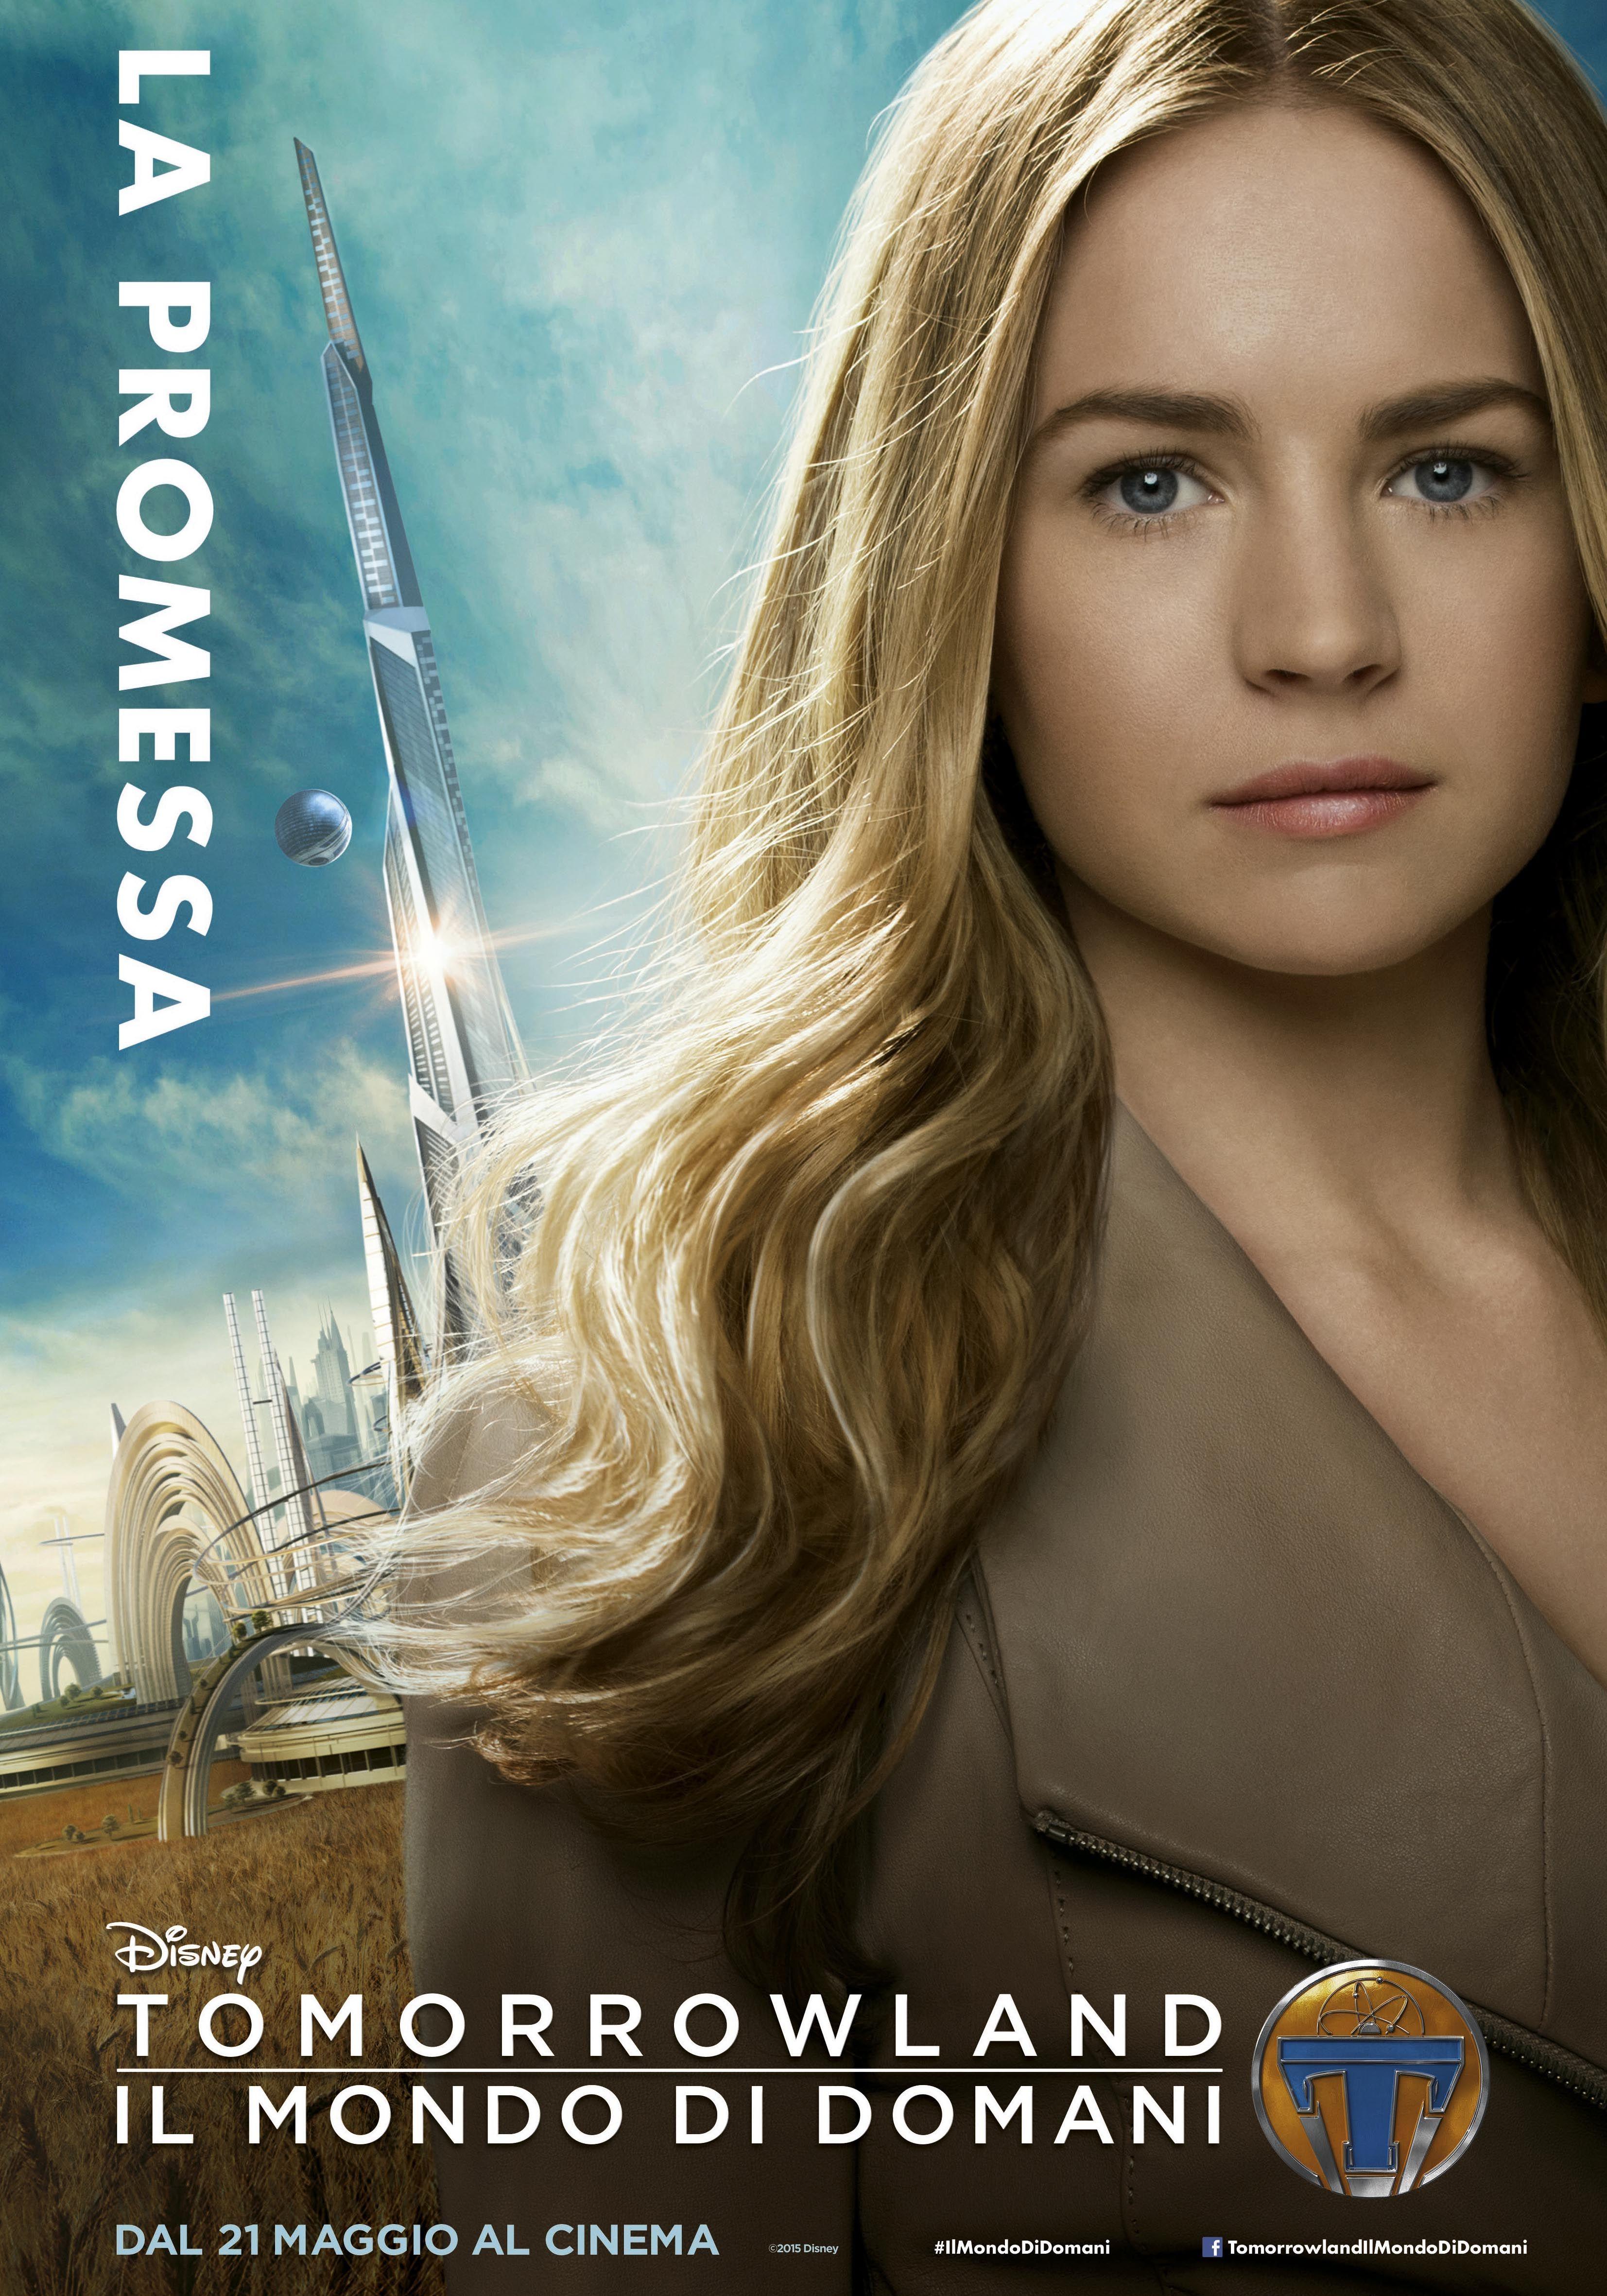 Tomorrowland - Il mondo di domani: il character poster italiano di Casey (Britt Robertson)